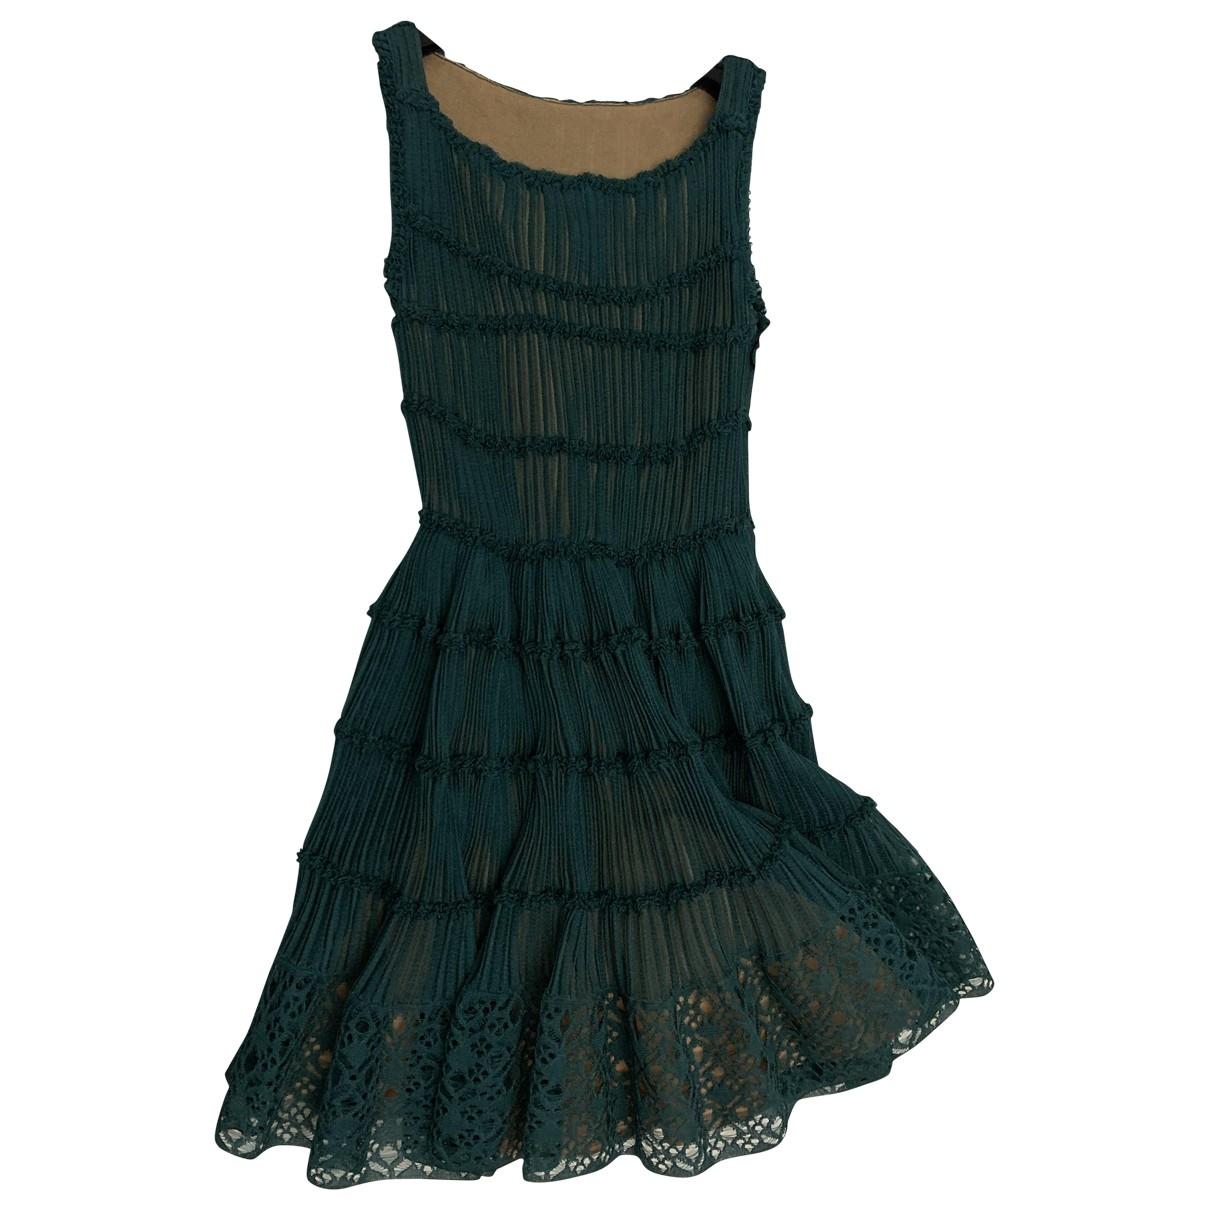 Alaïa \N Green Silk dress for Women 38 FR